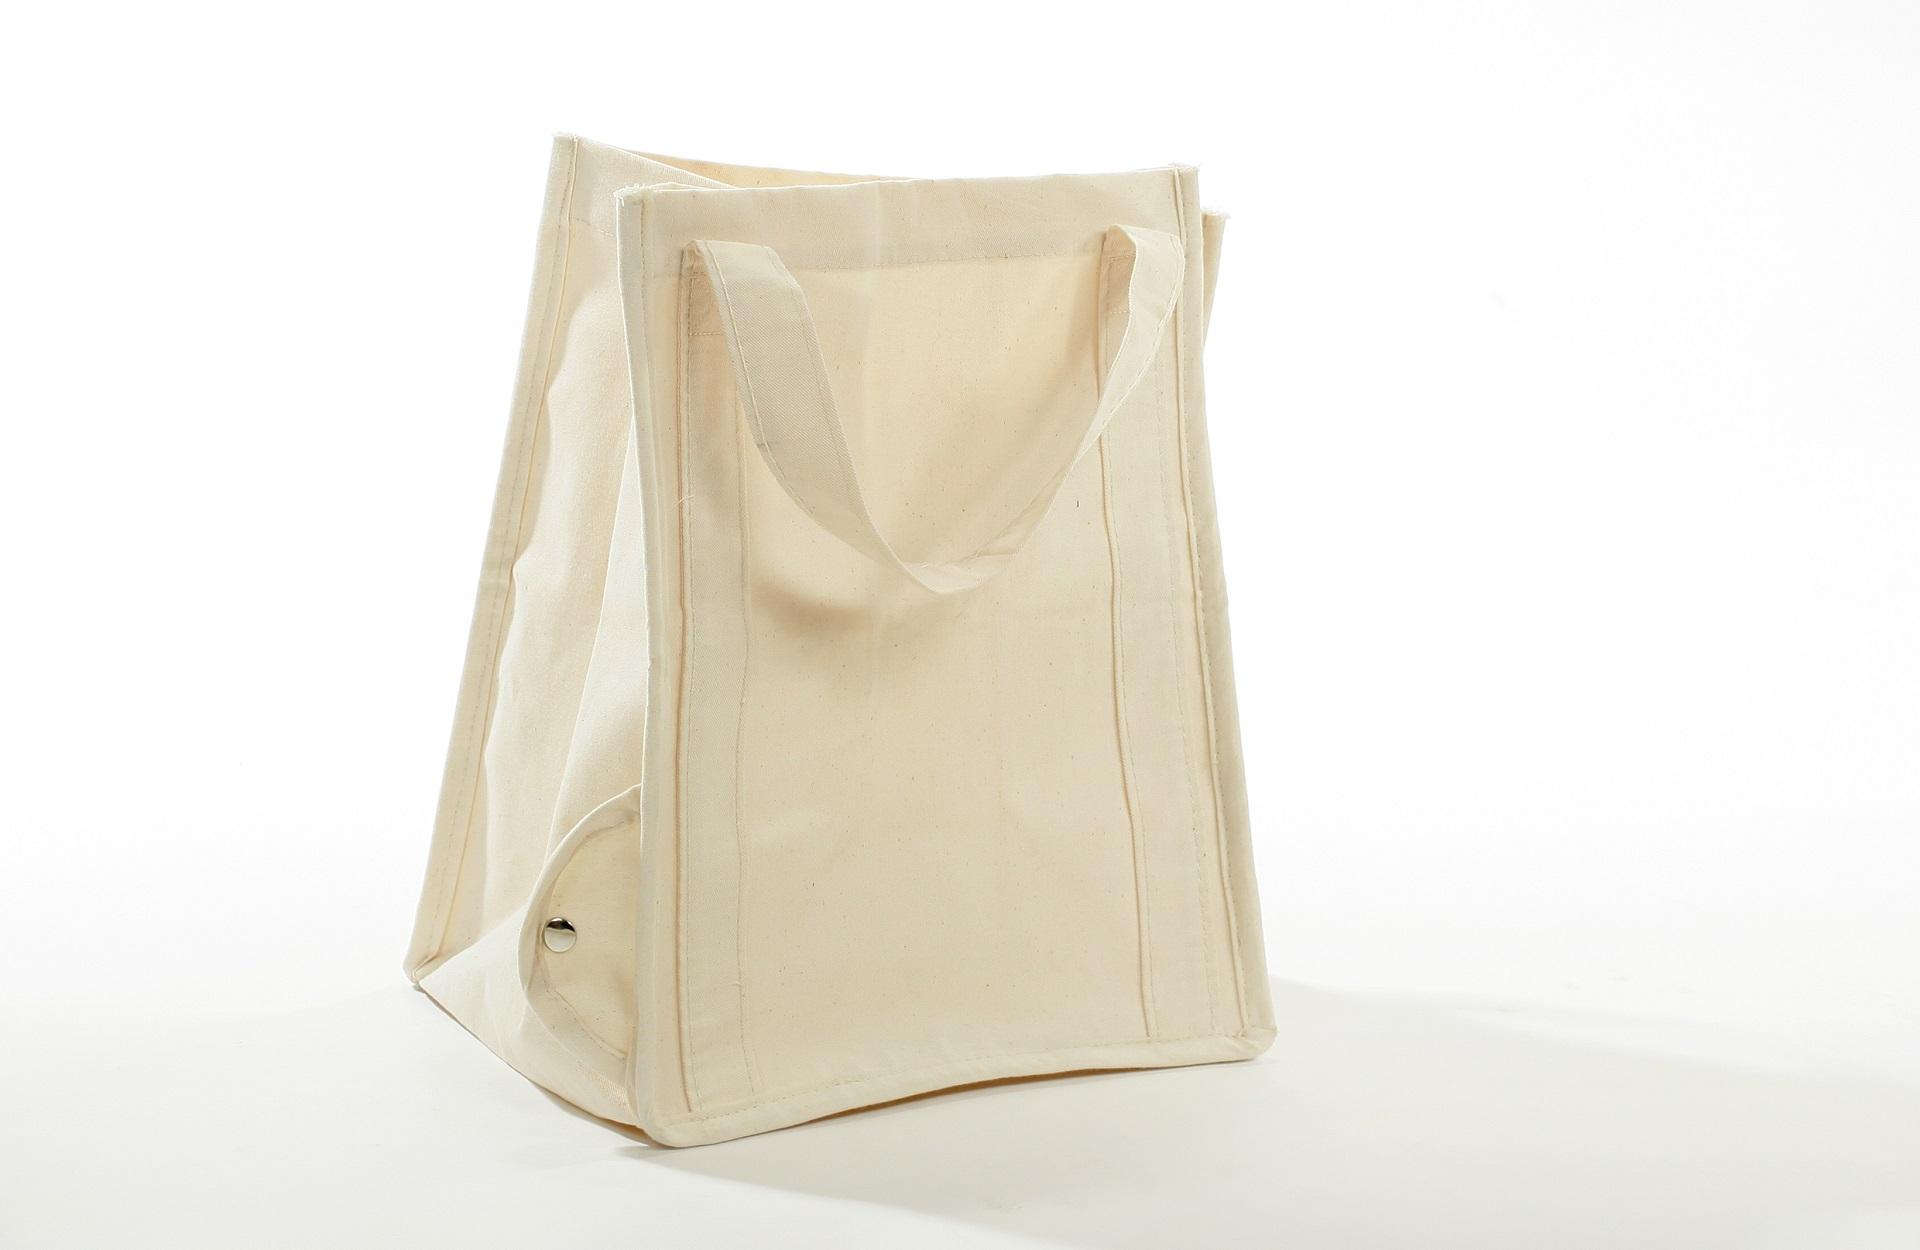 torby bawełniane łódź